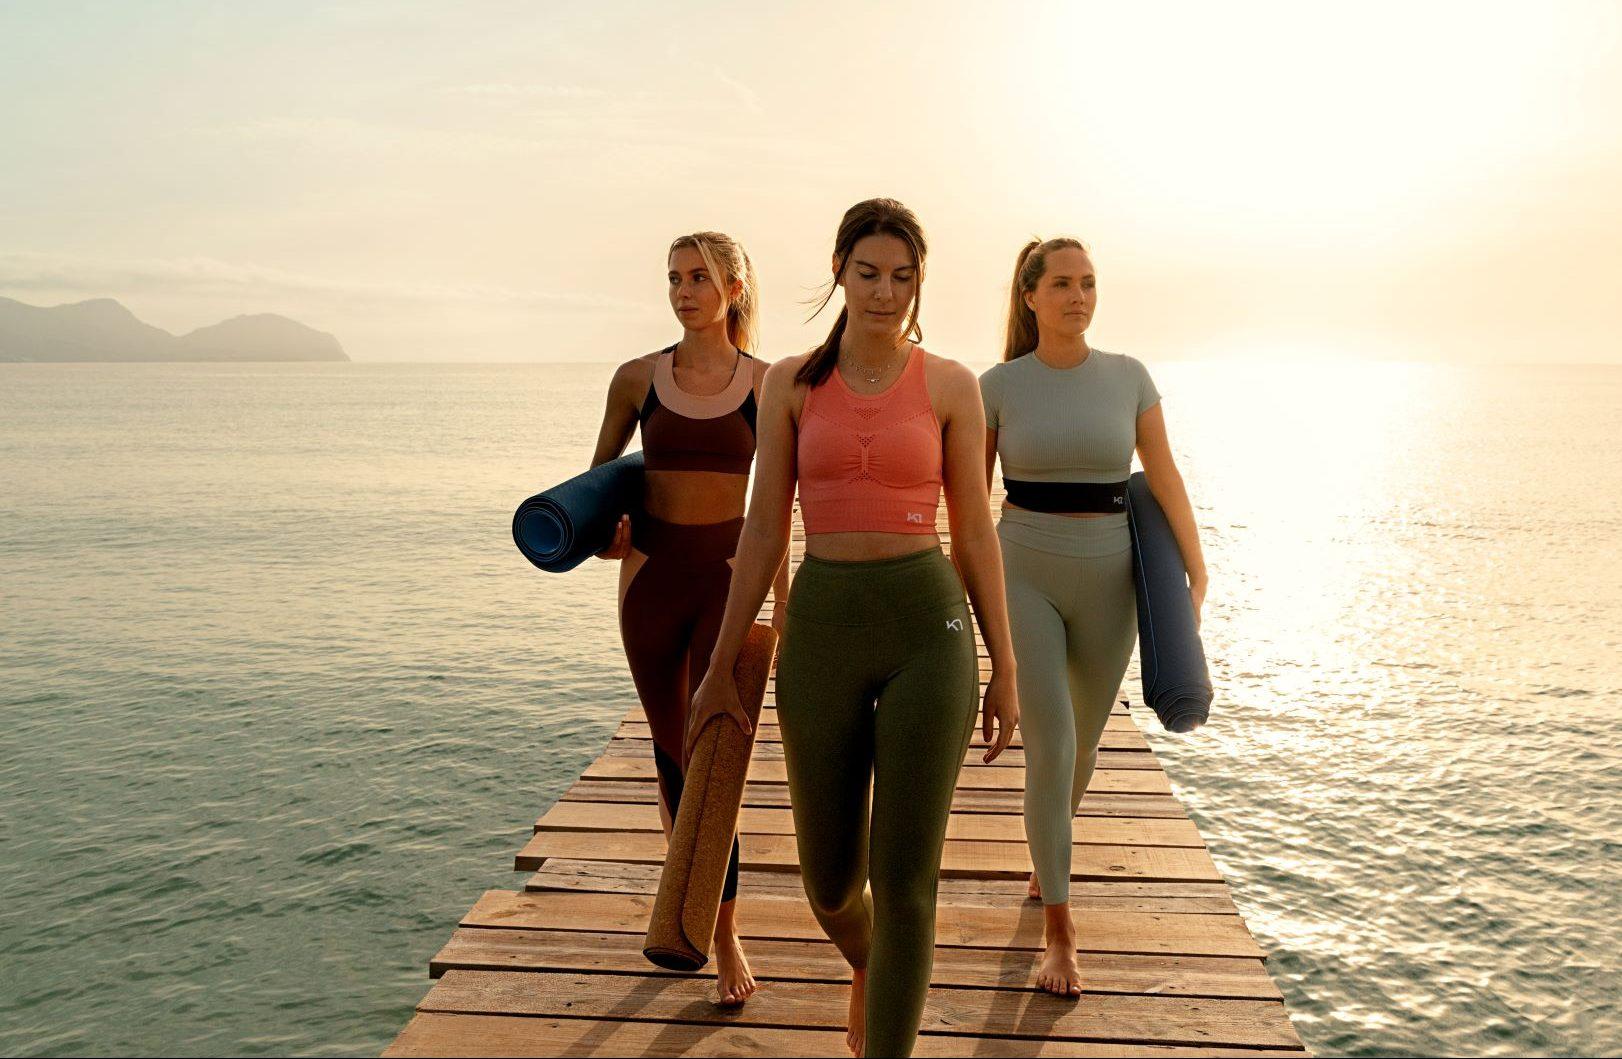 Spies ser stigende efterspørgsel efter træningsrejser med ferie eller en ferierejse med træning, det bestemmer gæsten selv. Pressefoto: Spies.